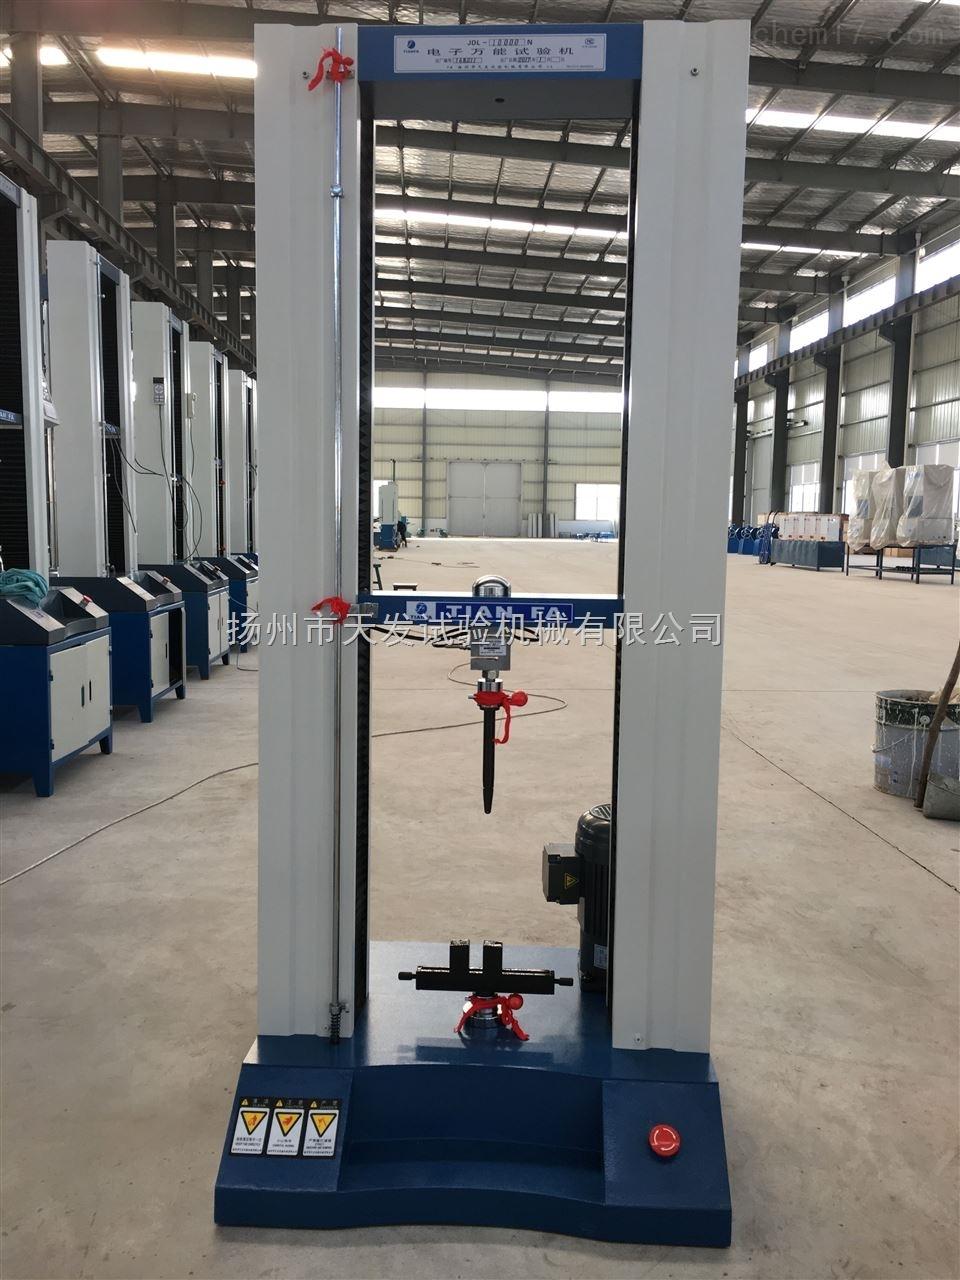 塑料电子拉力机、材料试验机、橡胶拉伸试验